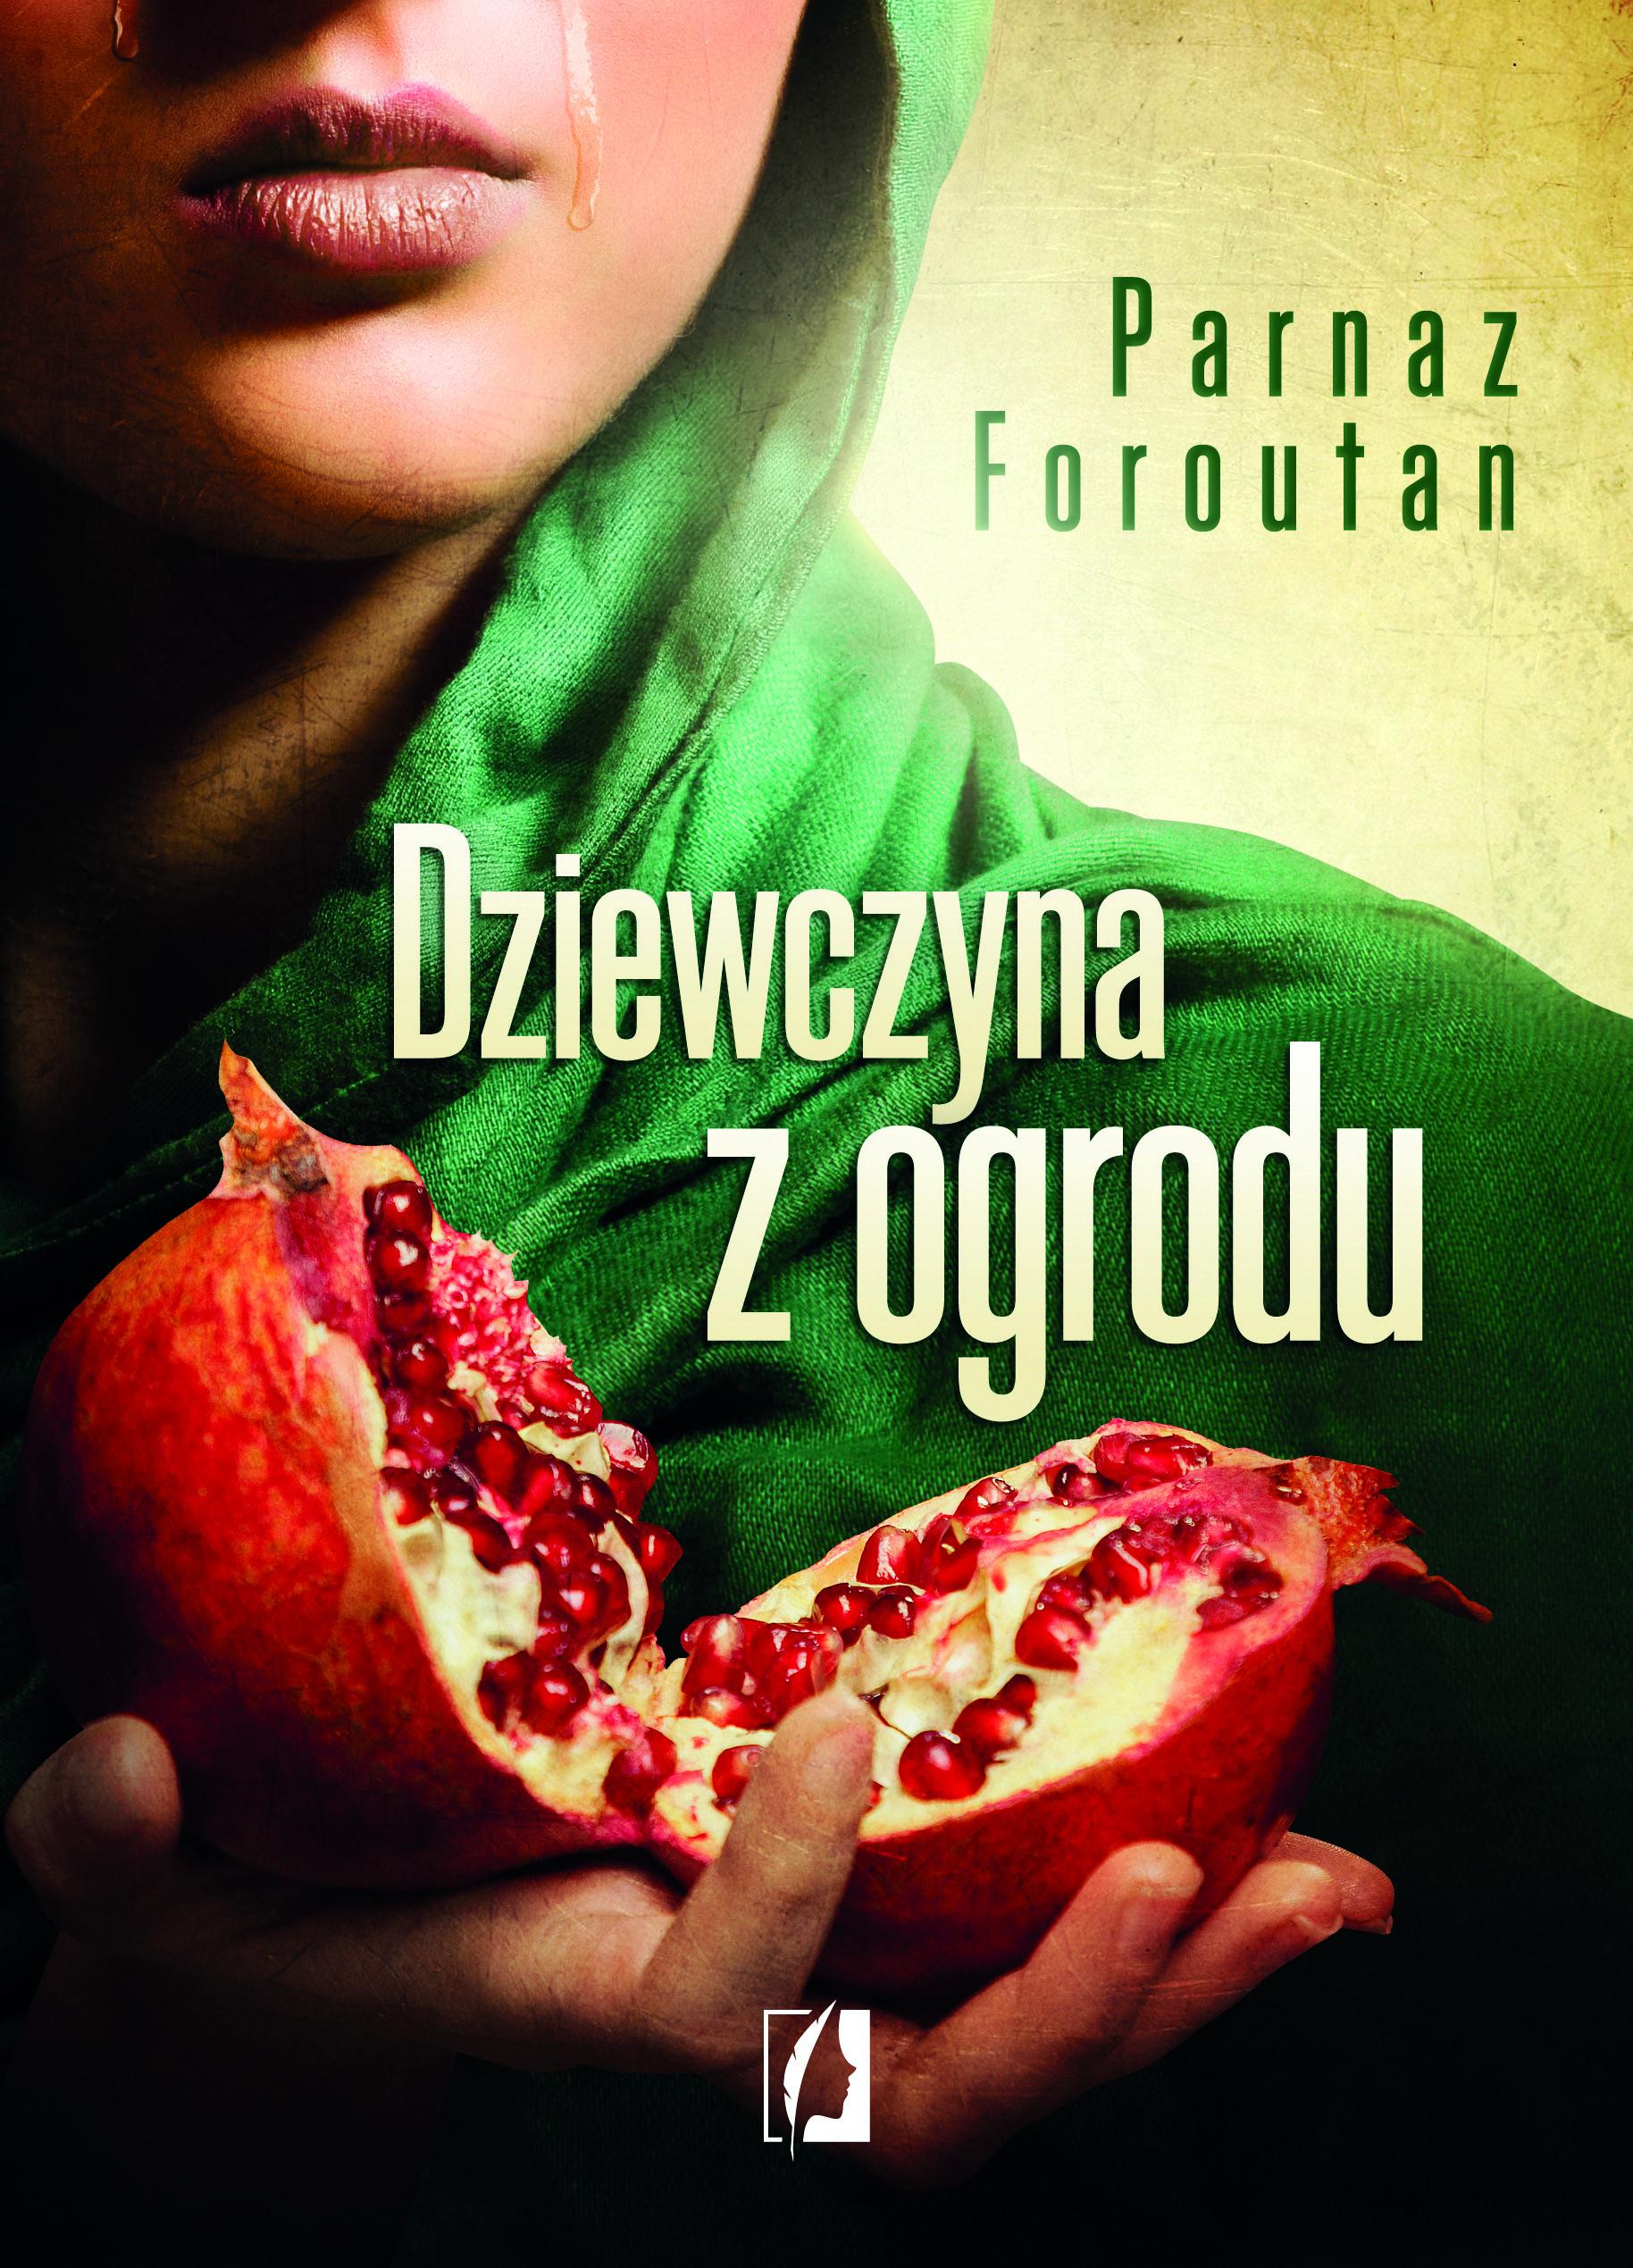 Foroutan Parnaz – Dziewczyna Z Ogrodu